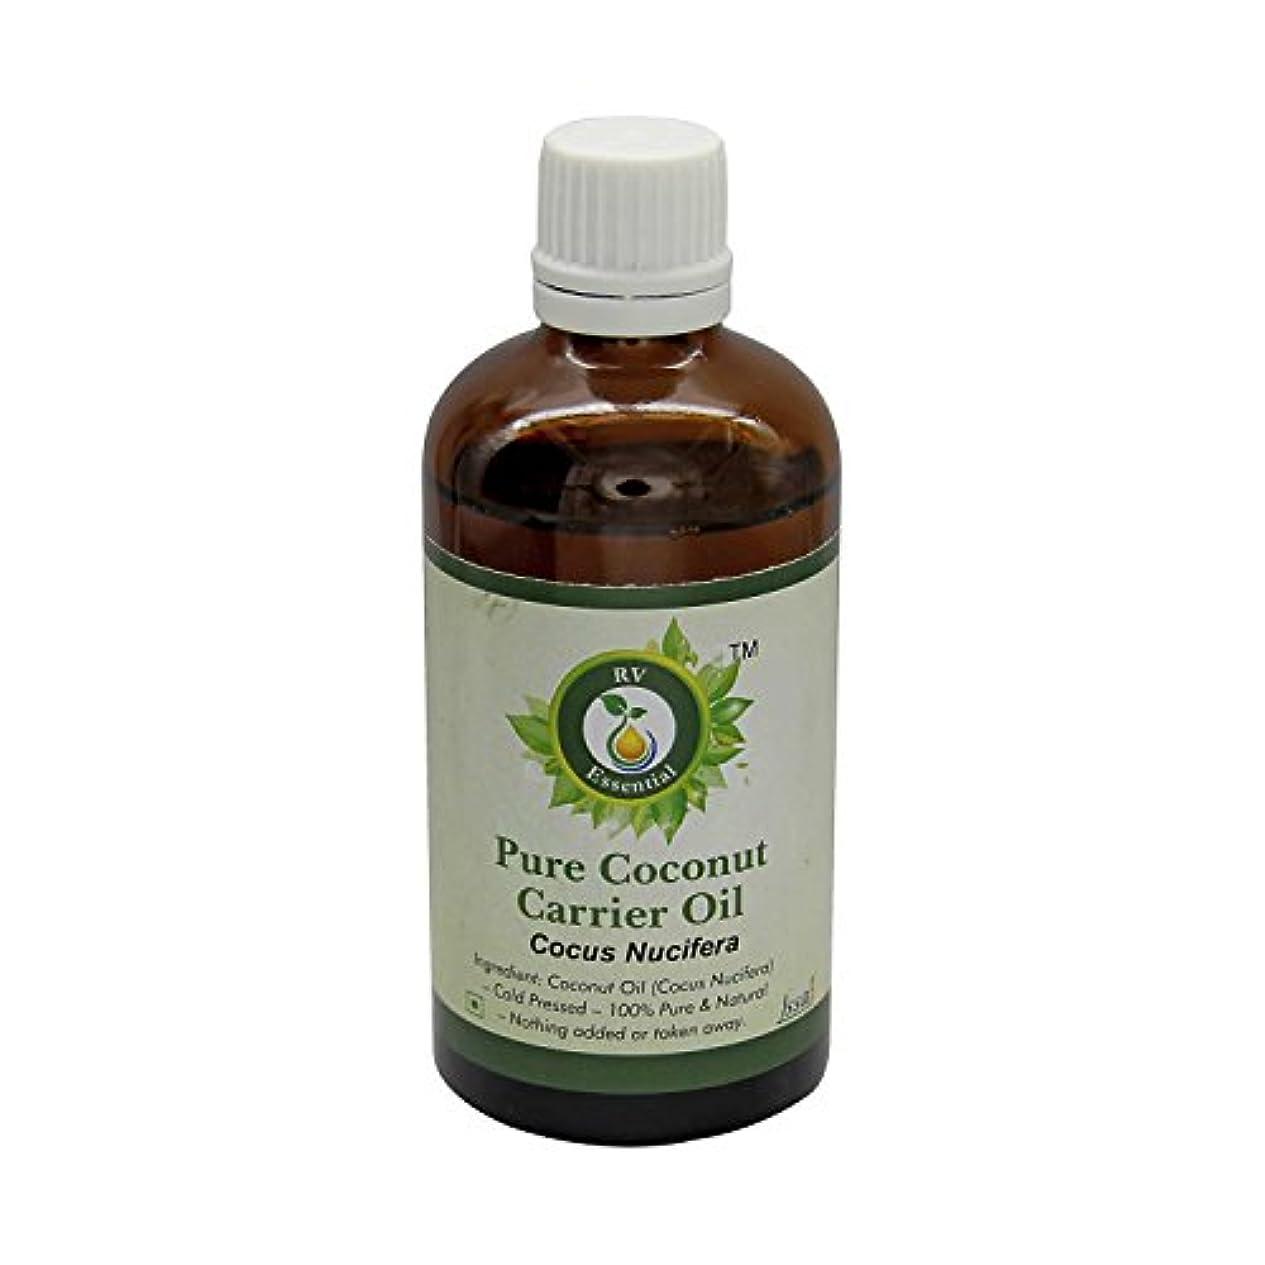 スクレーパーリマ社説R V Essential 純粋なココナッツキャリアオイル30ml (1.01oz)- Cocus Nucifera (100%ピュア&ナチュラルコールドPressed) Pure Coconut Carrier Oil